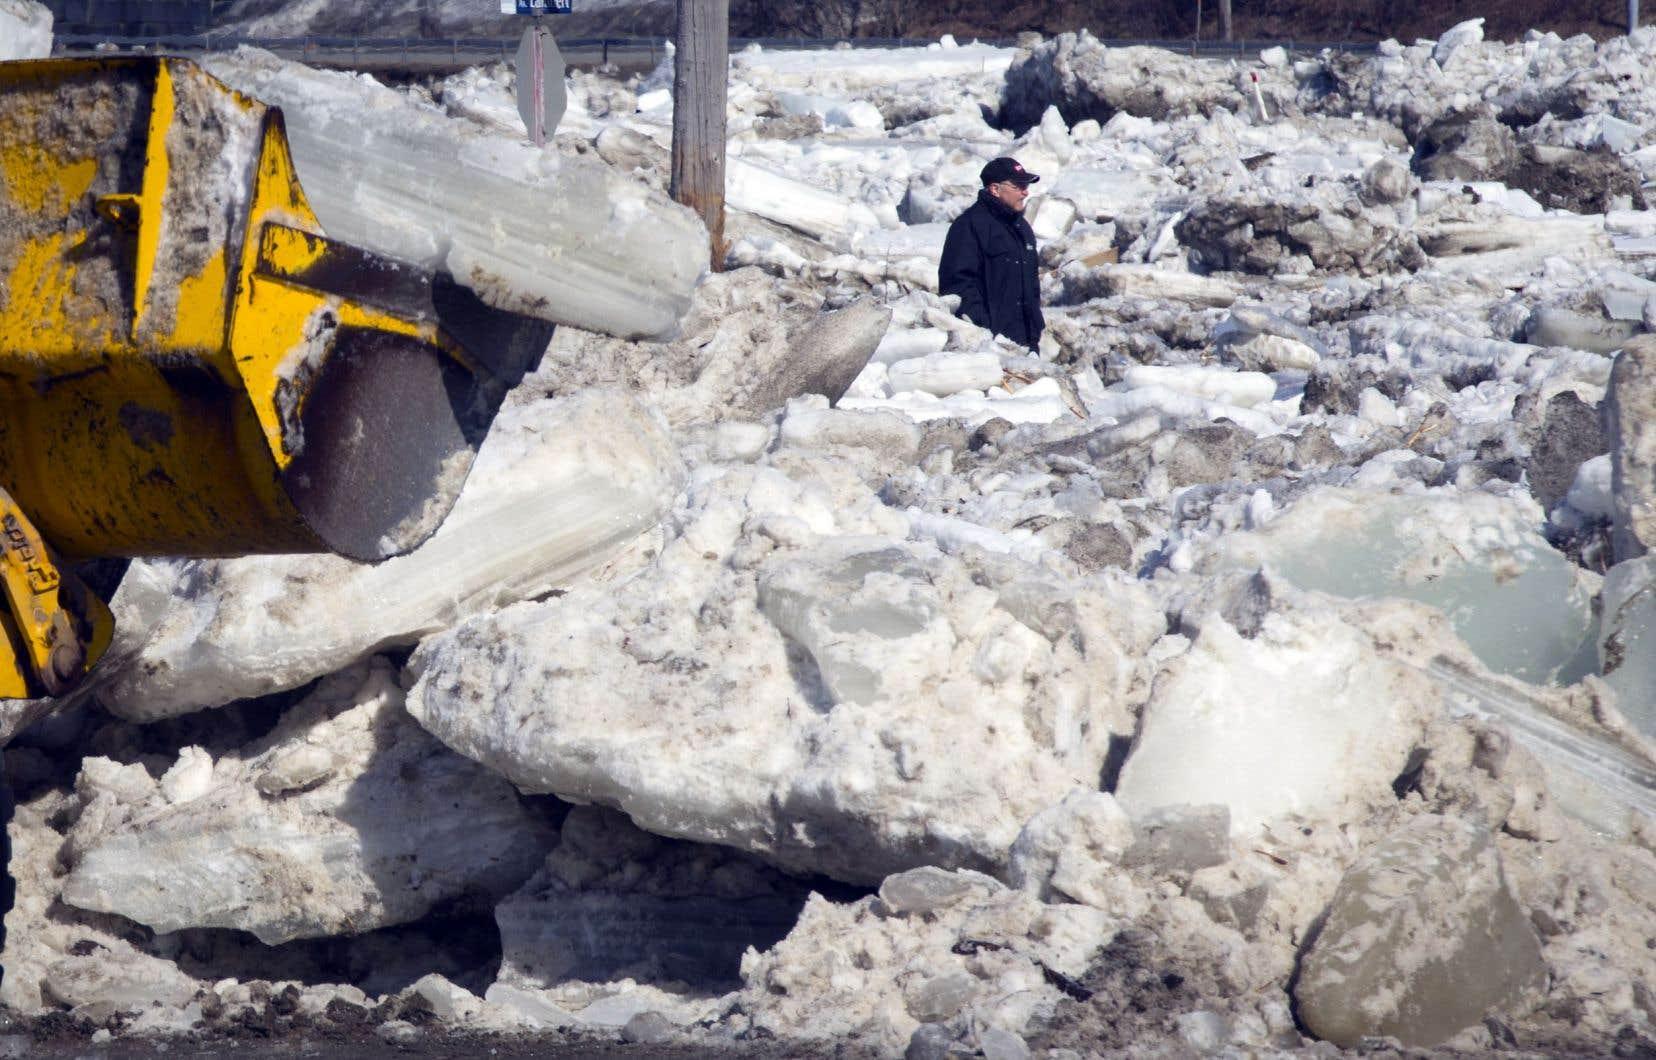 On a fait appel à l'équipement lourd pour déplacer les immenses blocs de glace que la rivière Chaudière a emportés avec elle.